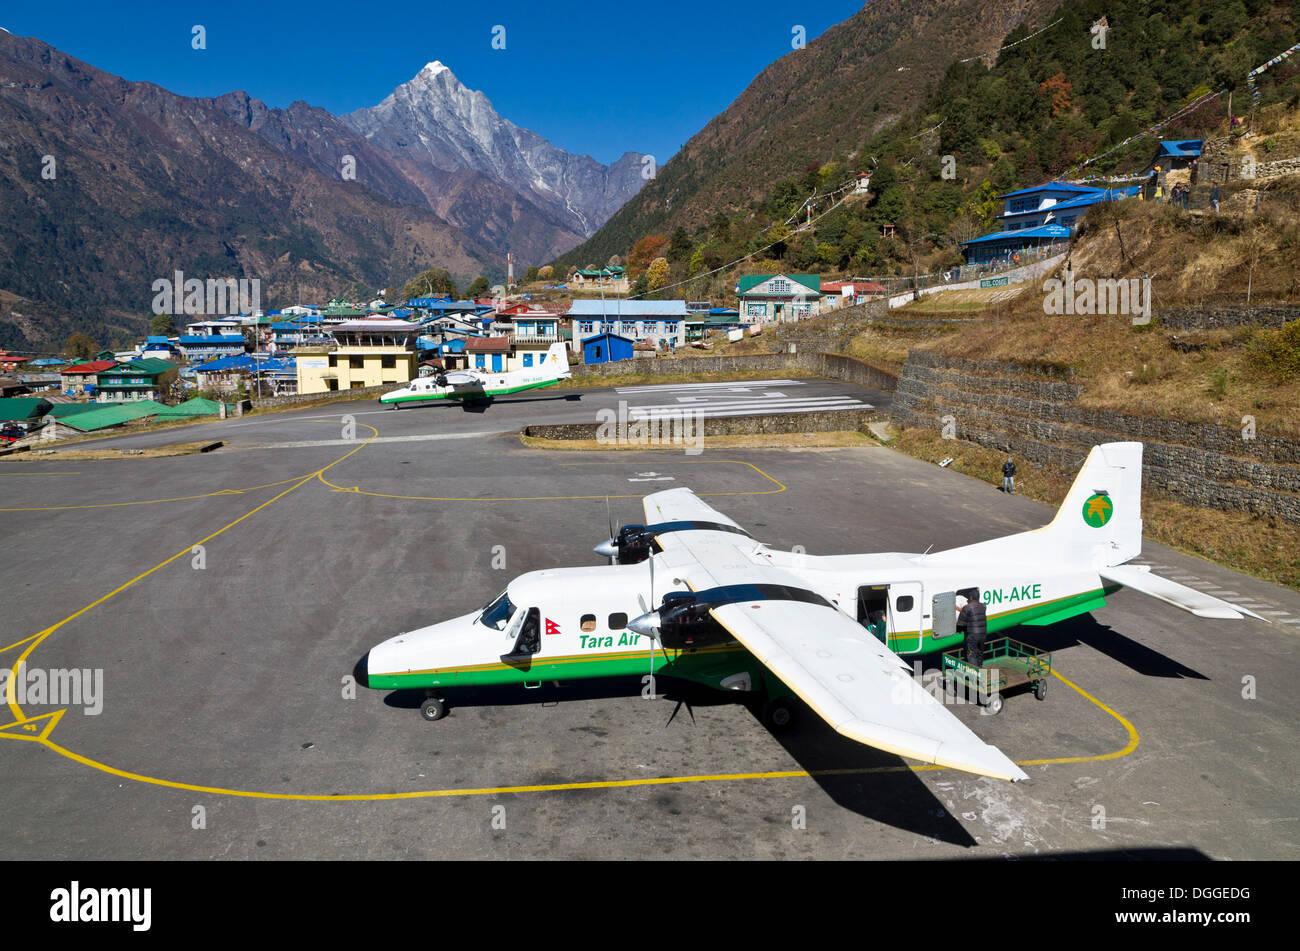 Aeroplane getting ready to depart at Lukla Airport, Lukla, Solukhumbu District, Sagarmāthā Zone, Nepal - Stock Image